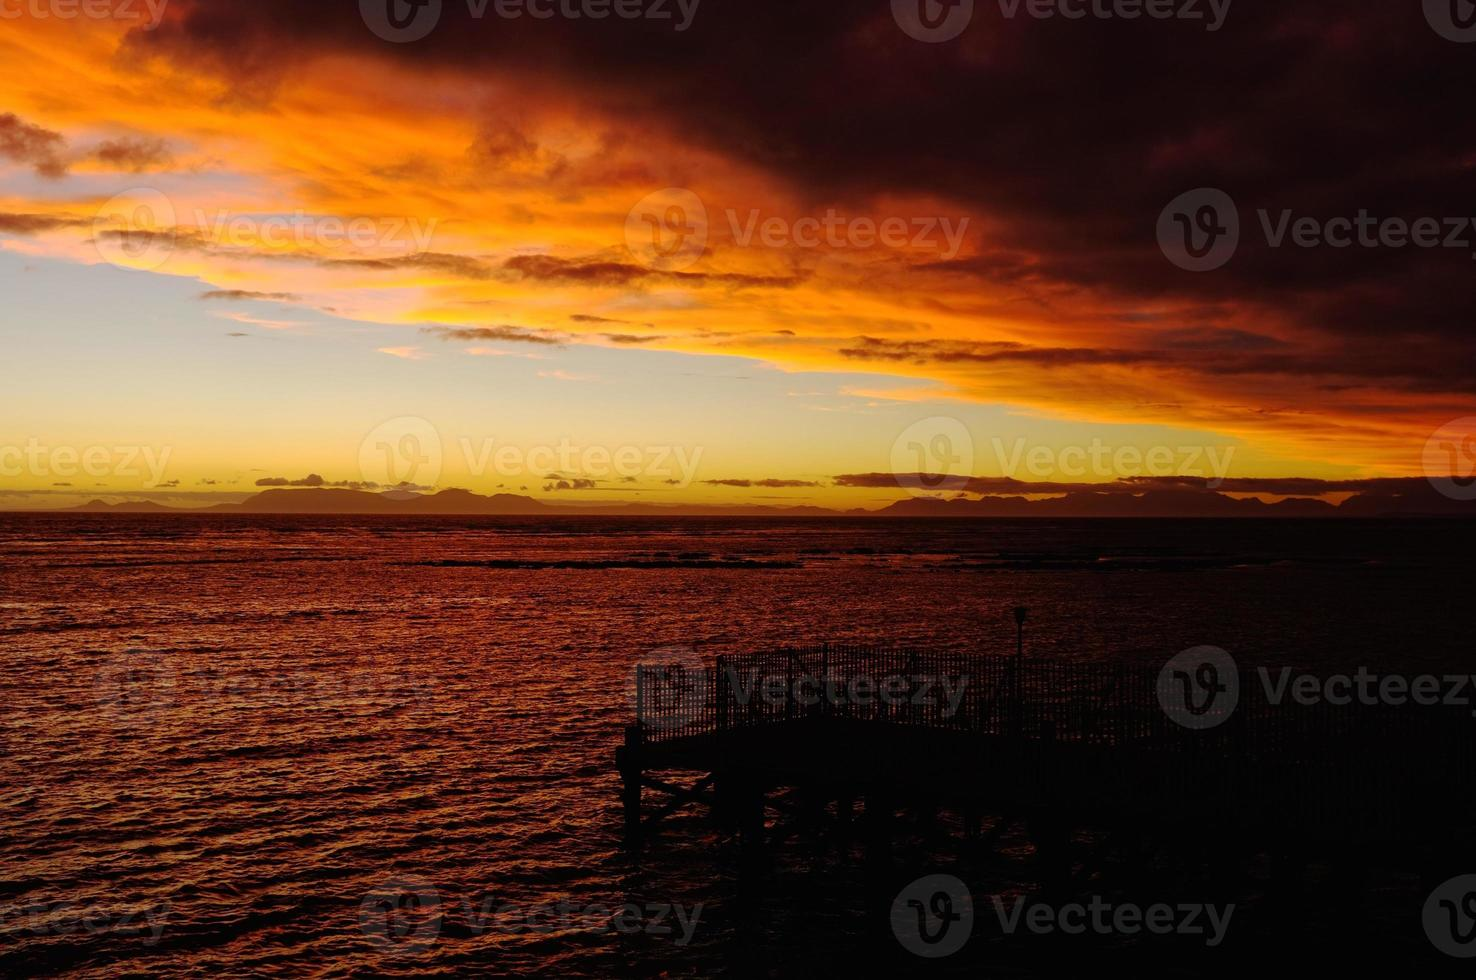 puesta de sol solar detrás de Cape Point a través de la bahía falsa. foto